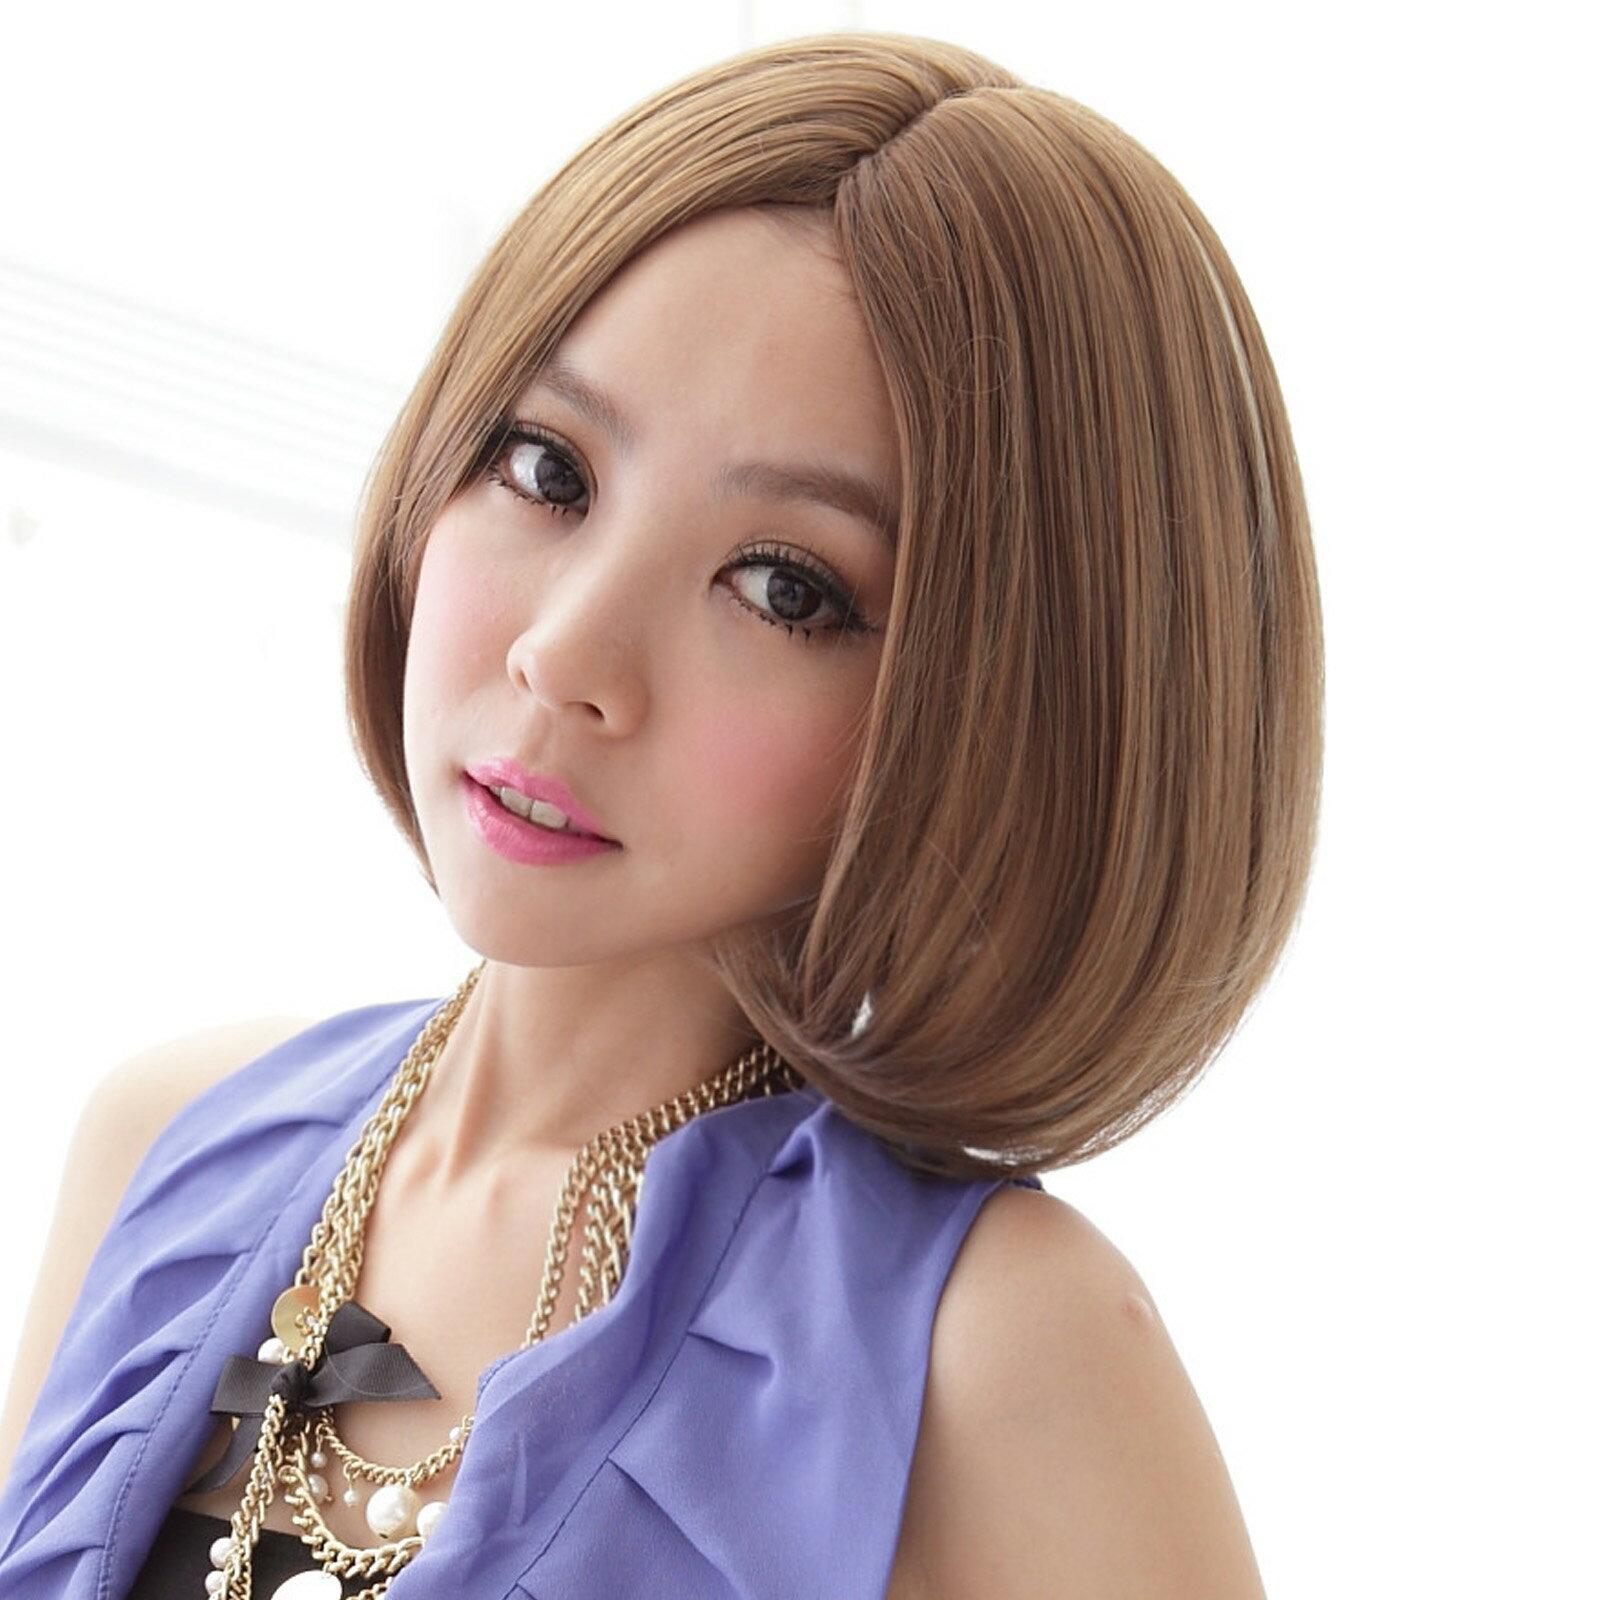 亞麻挑染性感中分短髮【MB021】高仿真超自然整頂假髮☆雙兒網☆